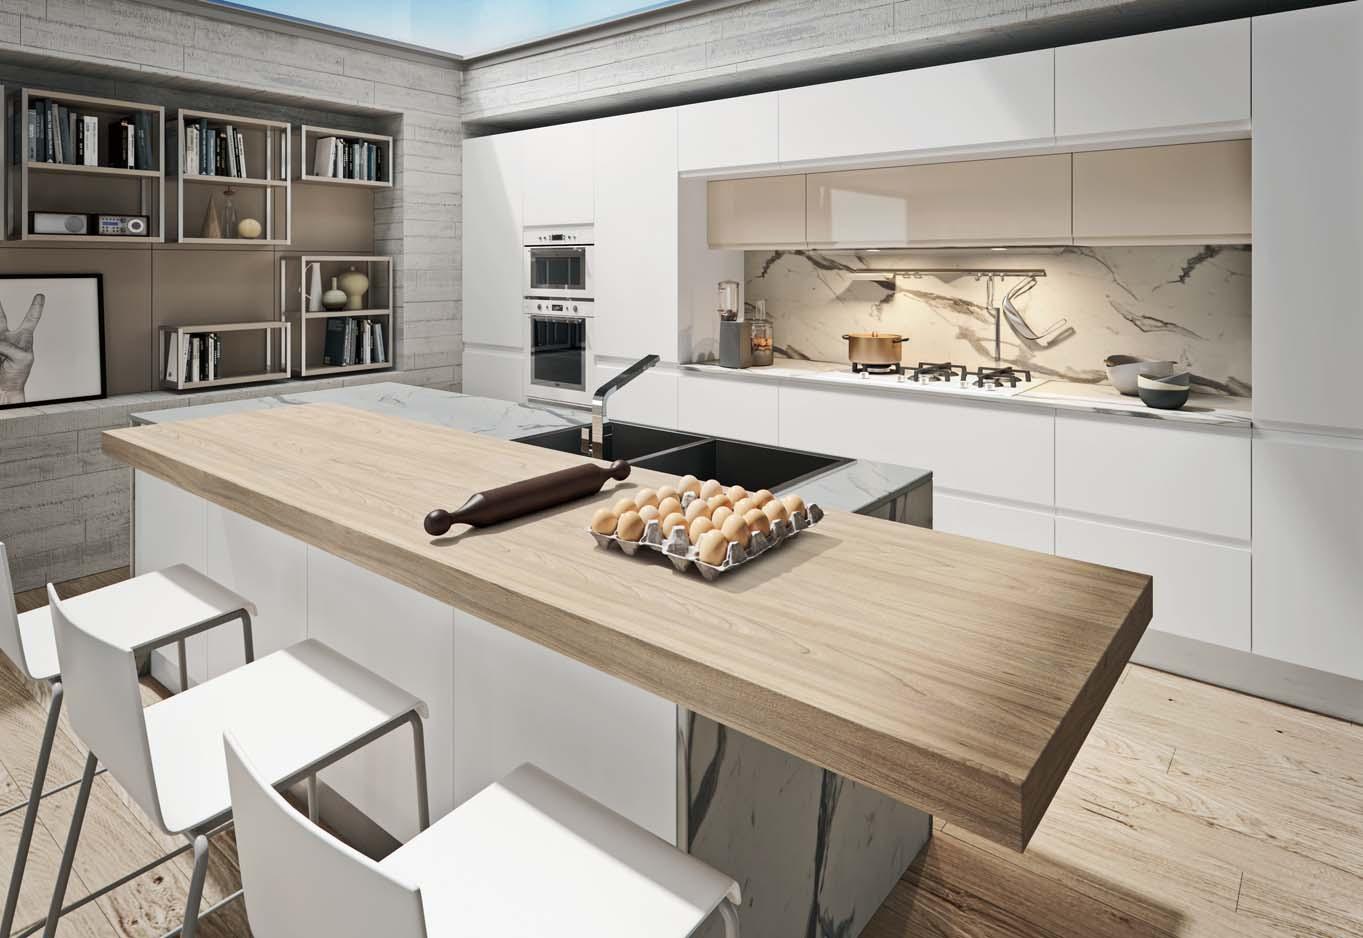 Πολυμερικη κουζινα λευκο γυαλιστερο και καφε γυαλιστερο με παγκο βακελιτη σε μαρμαρο calacatta